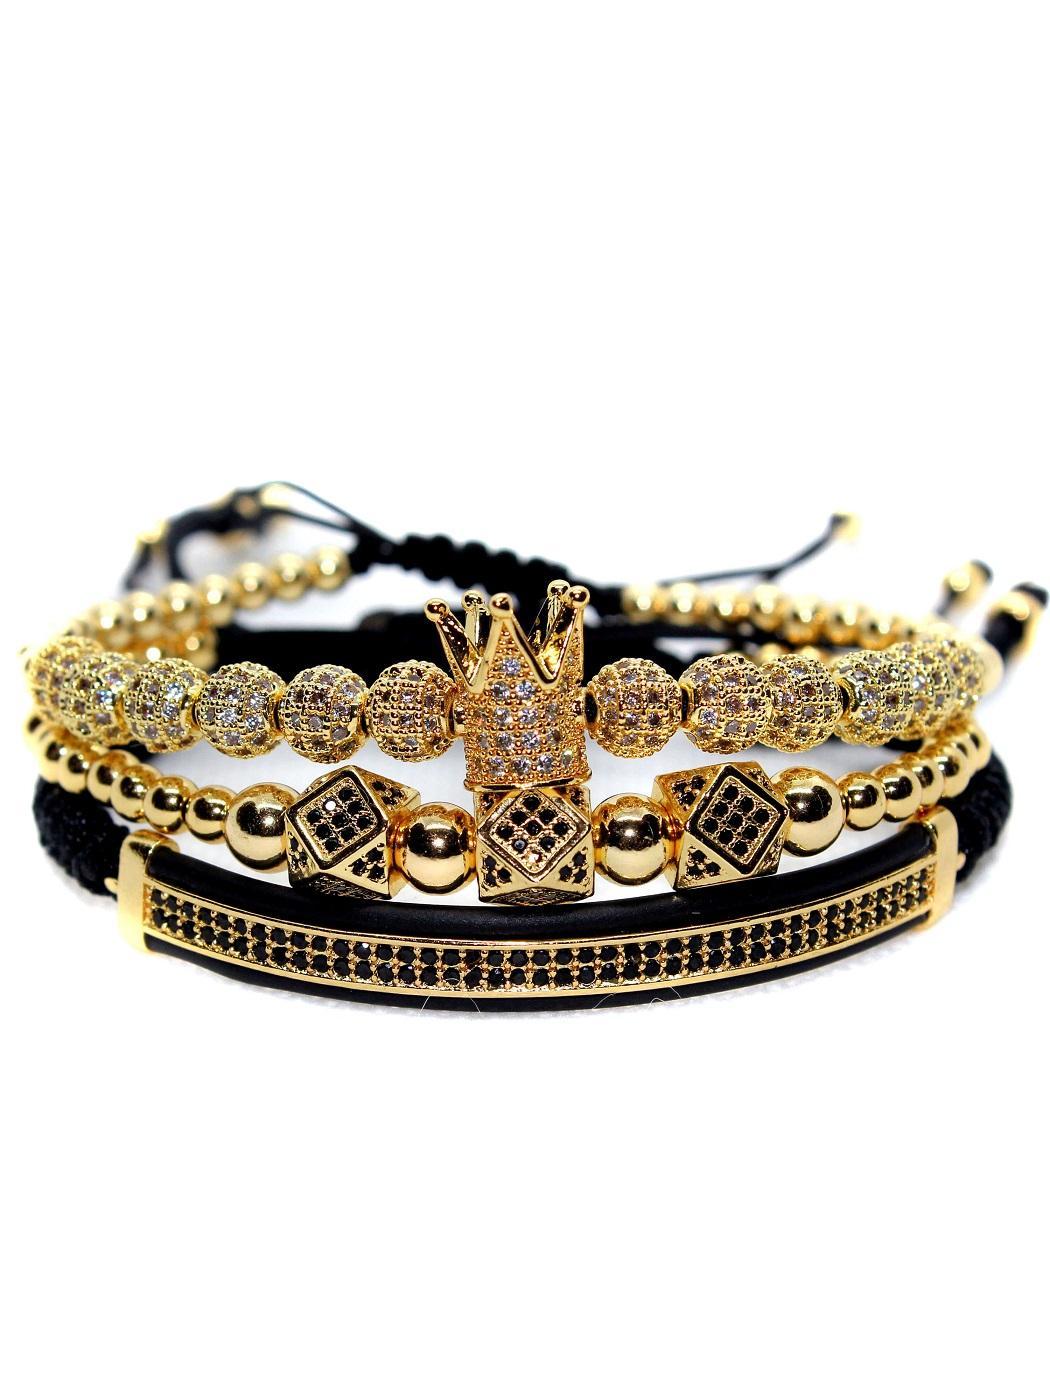 Bratara aurie Queen, Brățară Queen Gold, Brățări Manique, Brățară Crown pentru bărbați, Brățară New York, Brățări de modă pentru femei, De unde să cumpărați Brățări, Brățări cu brățări ieftine, Brățări moderne pentru bărbați, Brățări reglabile, Brățară Queen Bijuterii din aur cu coroană